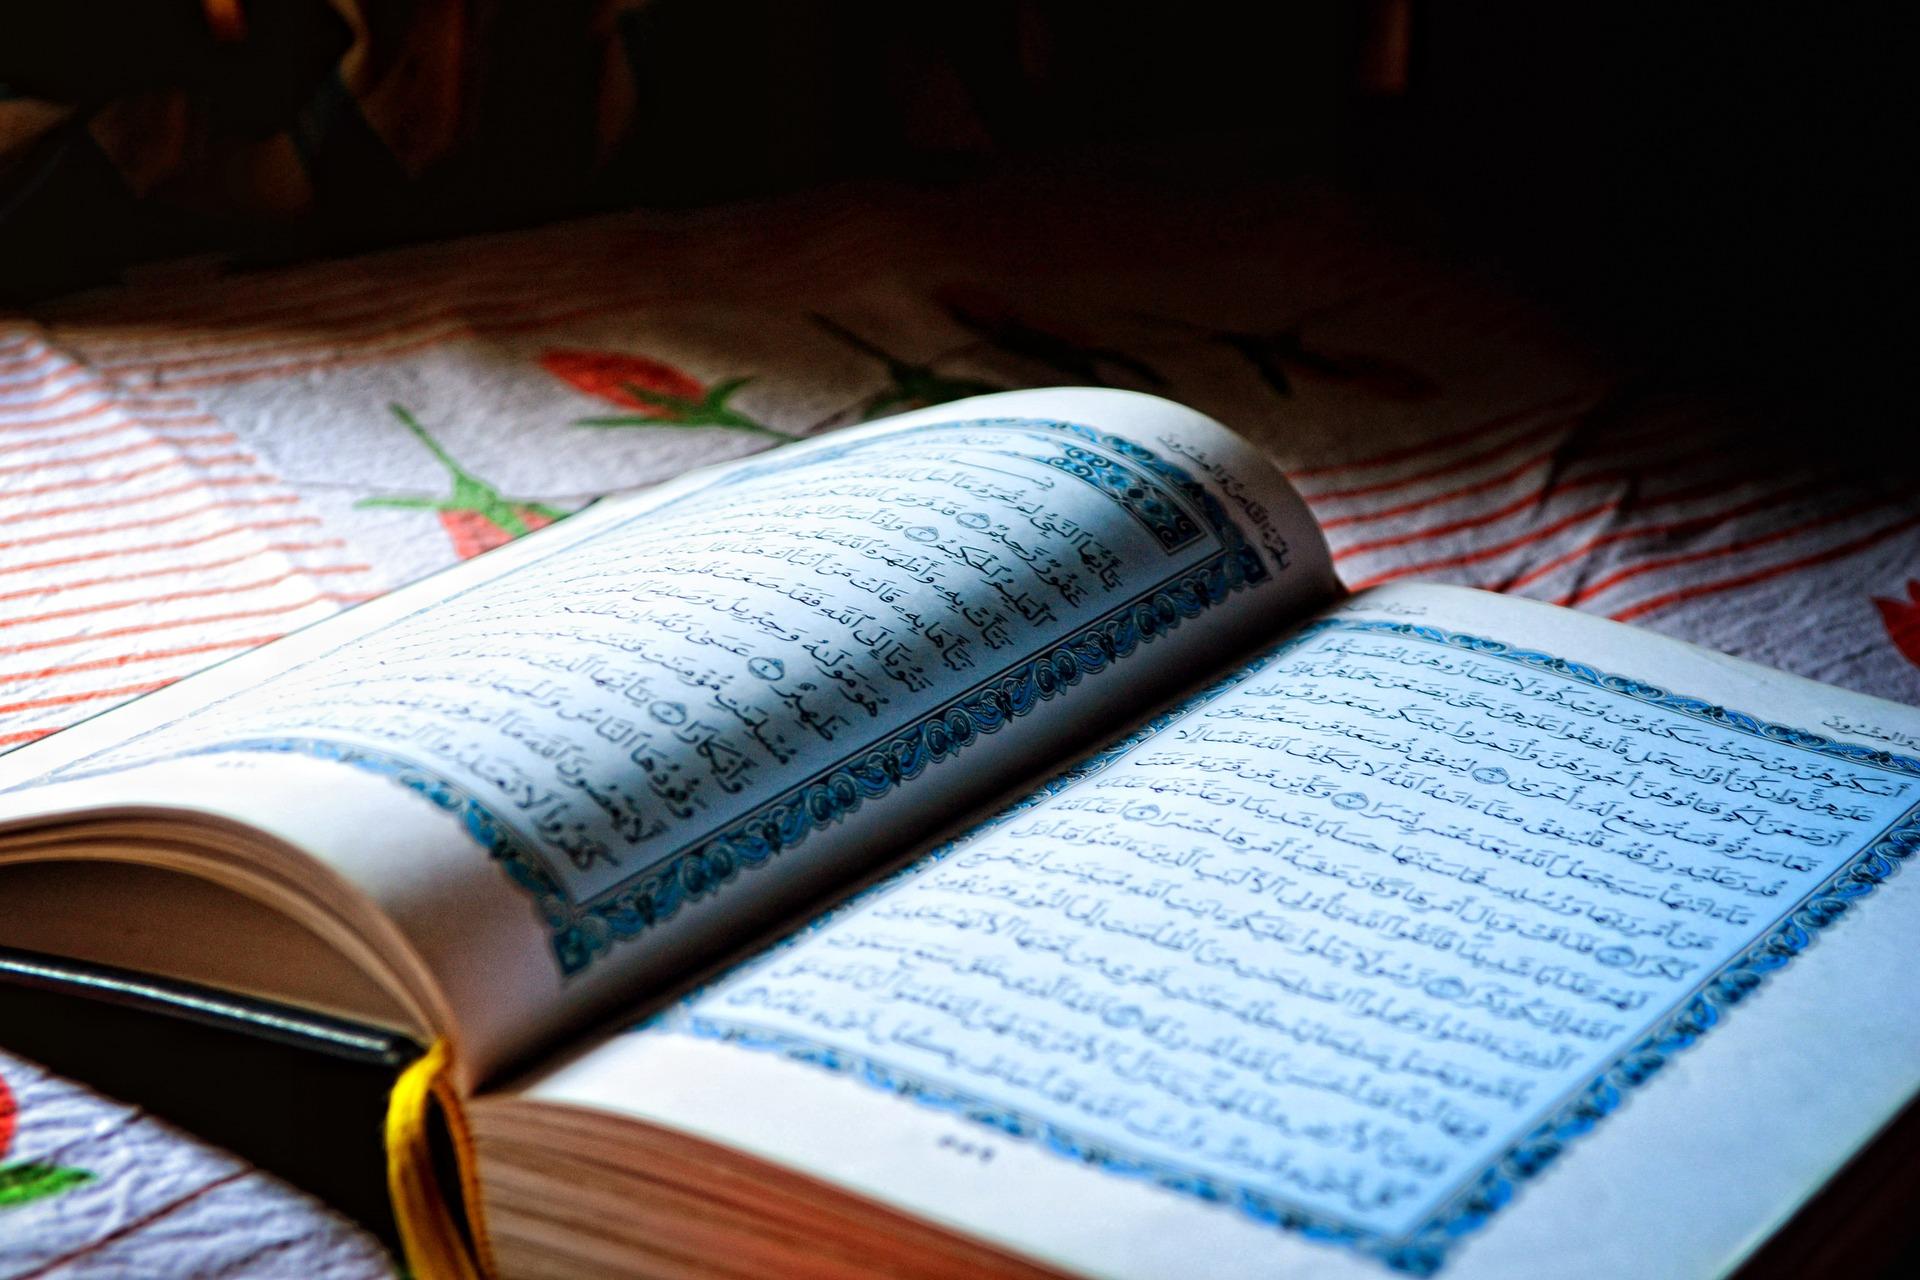 Kembali Kepada Al-Qur'an dan As-Sunnah bimbingan islam